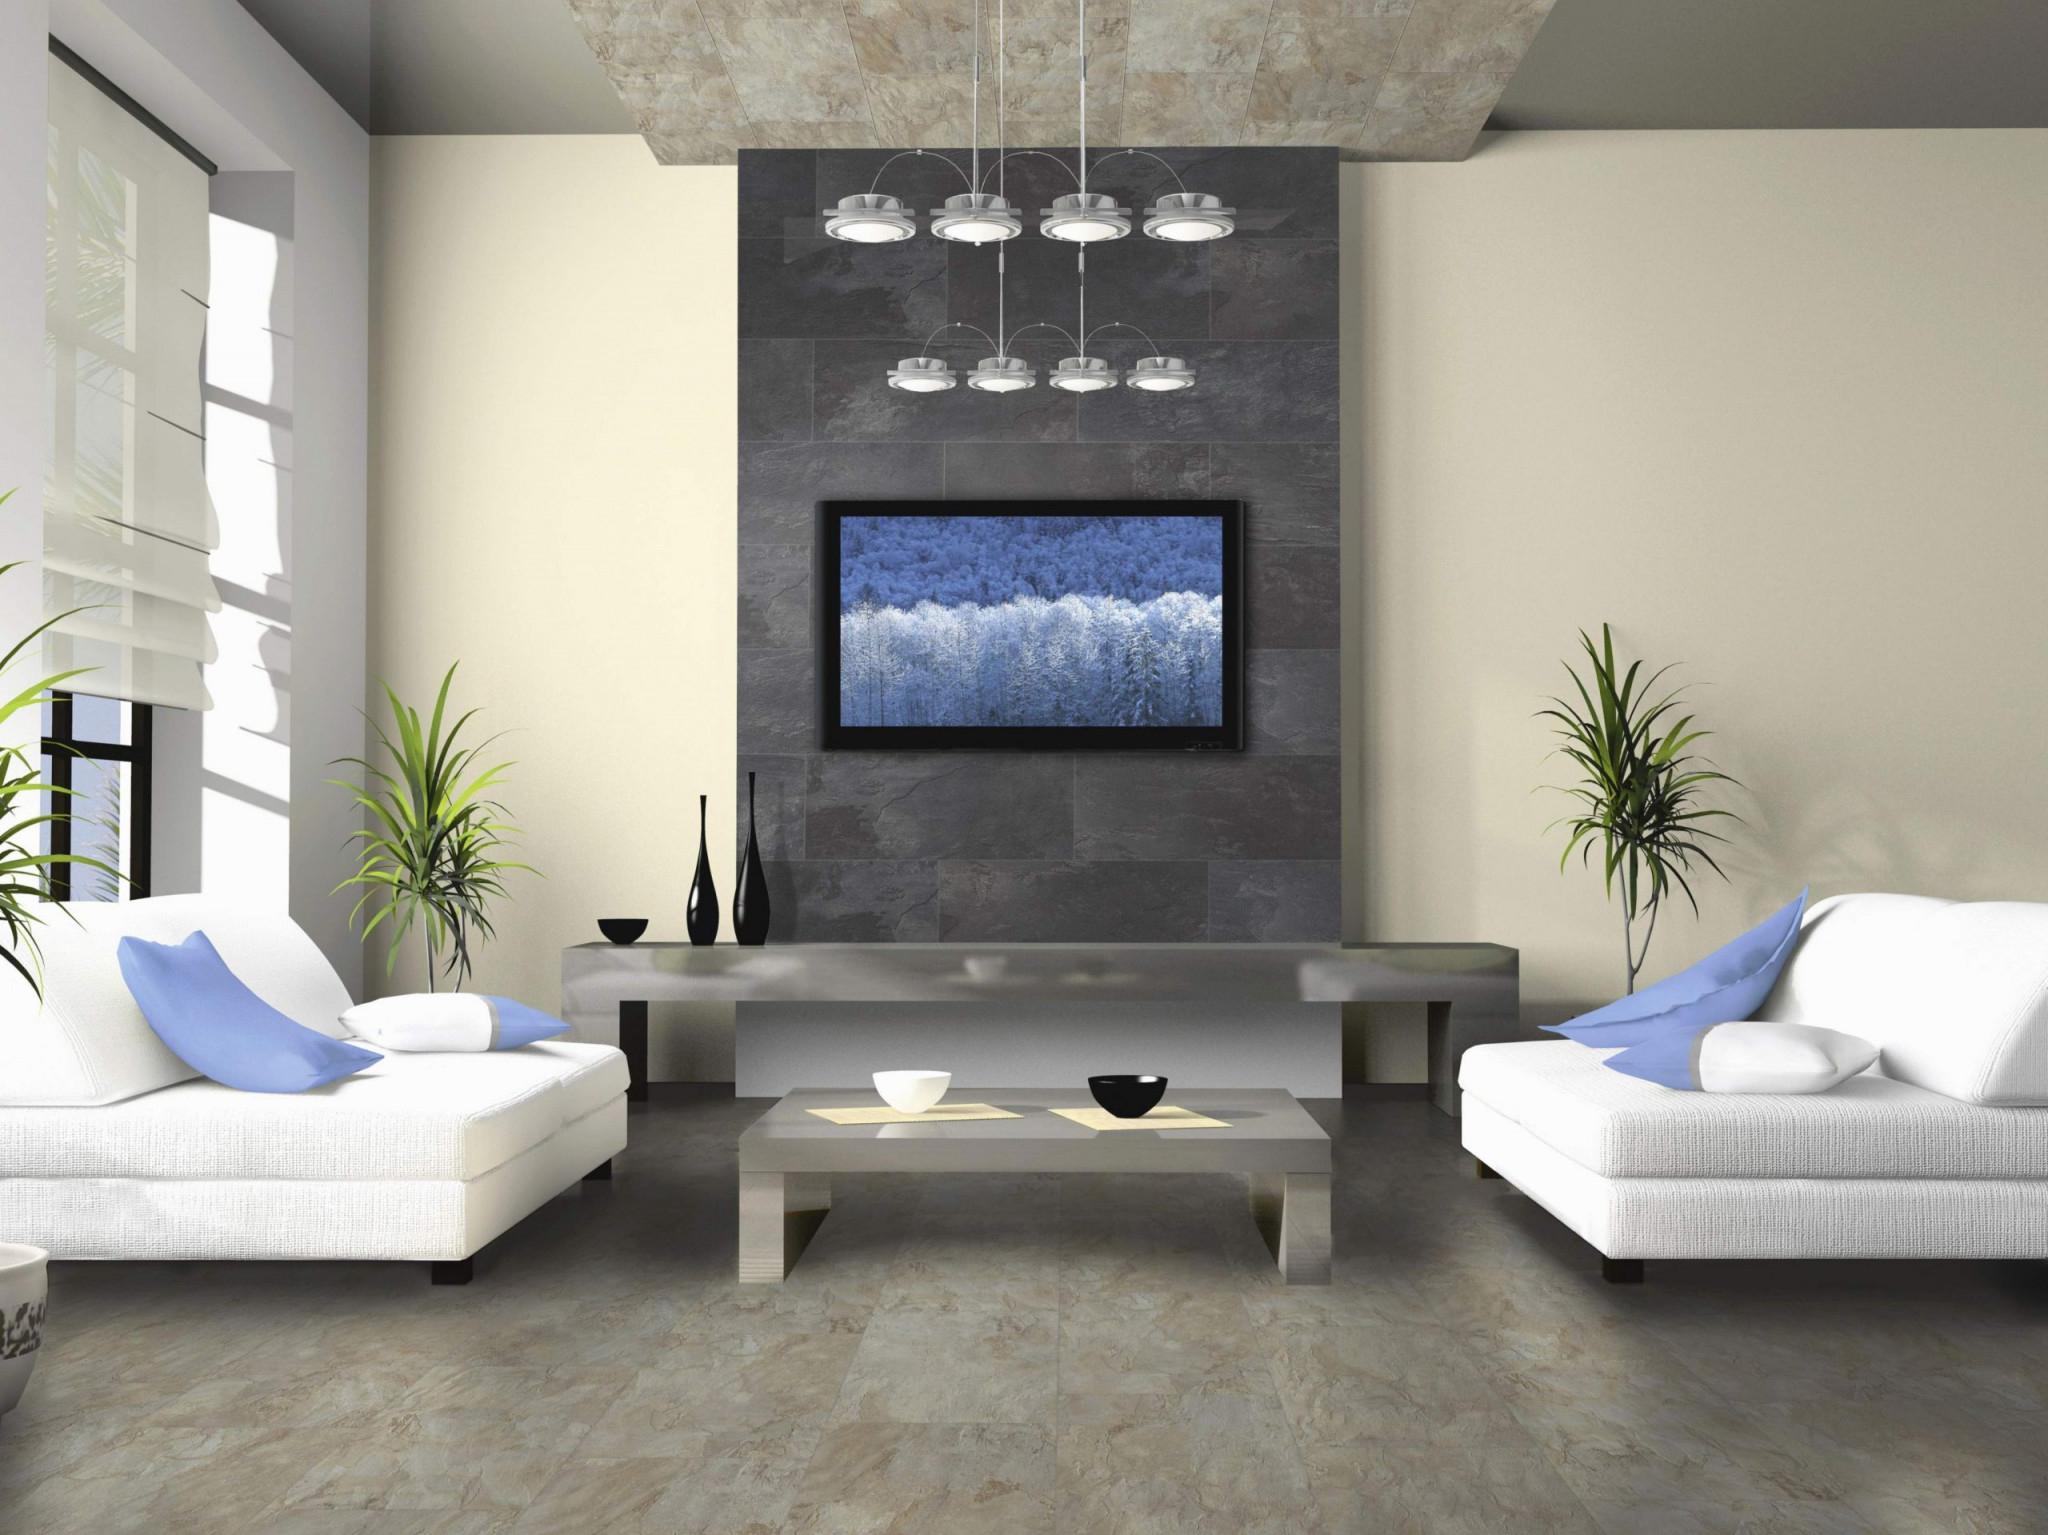 26 Schön Wohnzimmer Tv Wand Ideen Einzigartig  Wohnzimmer von Deko Ideen Für Wohnzimmer Wand Bild